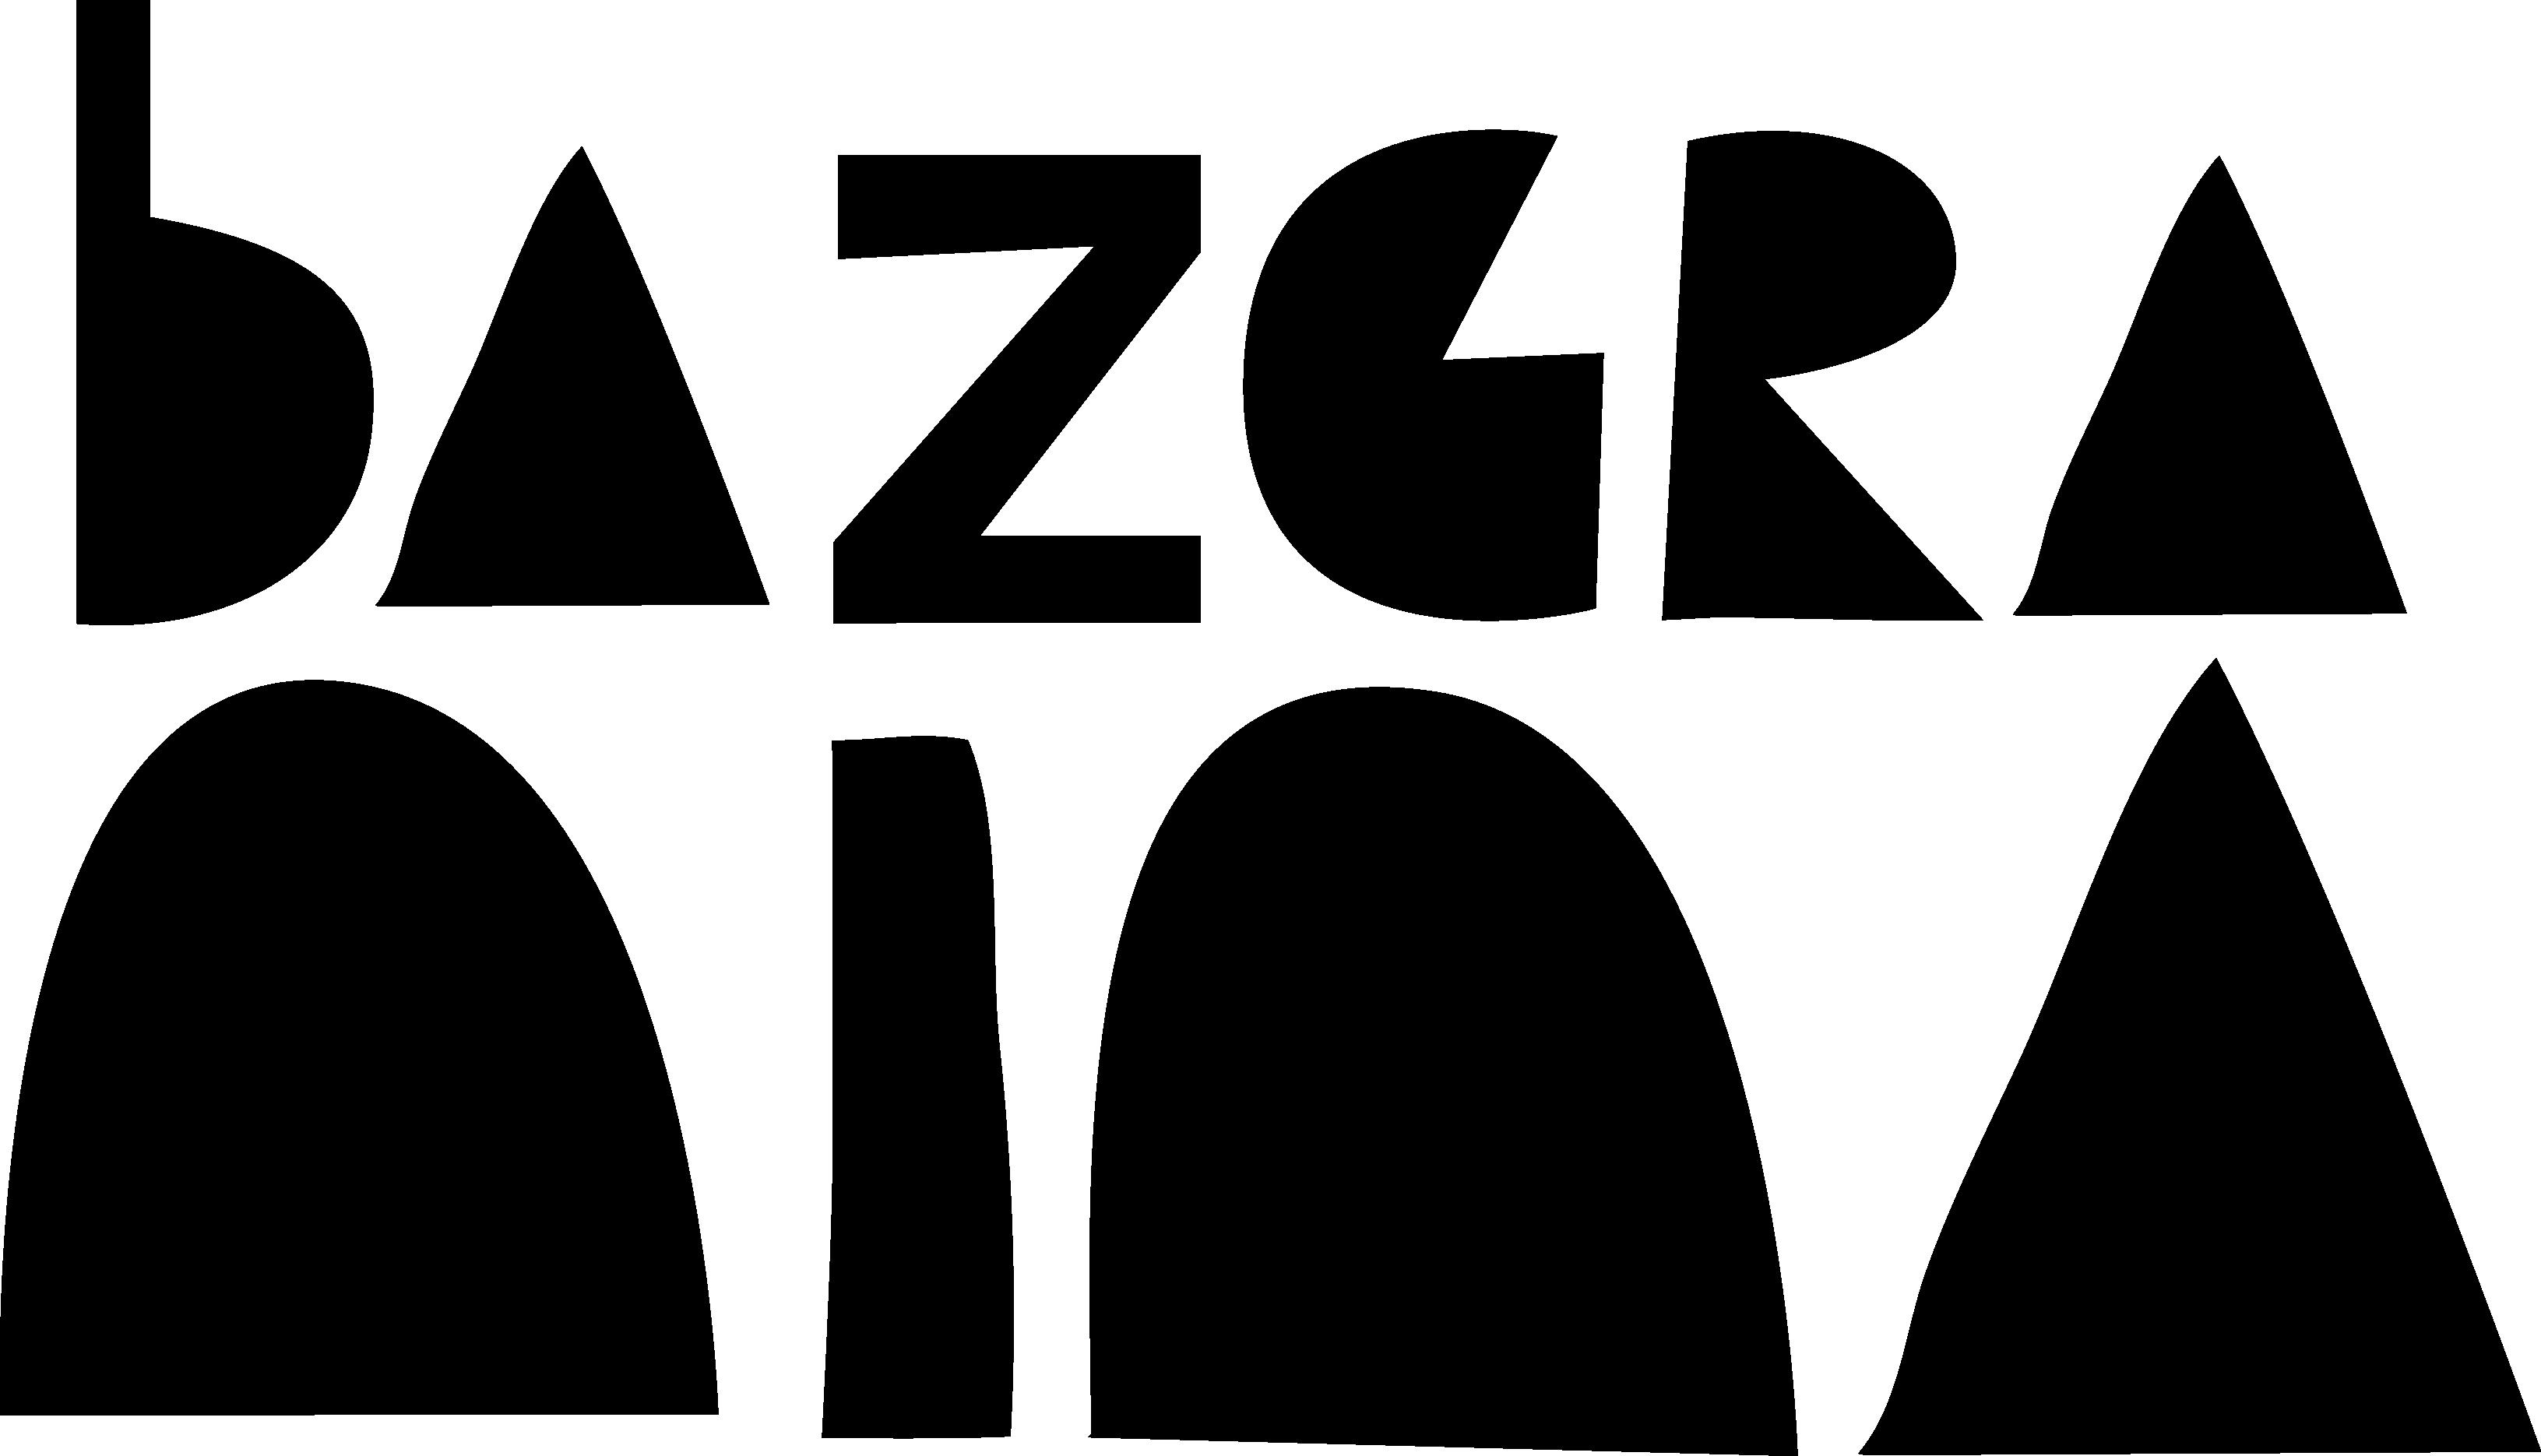 bazgranina.com